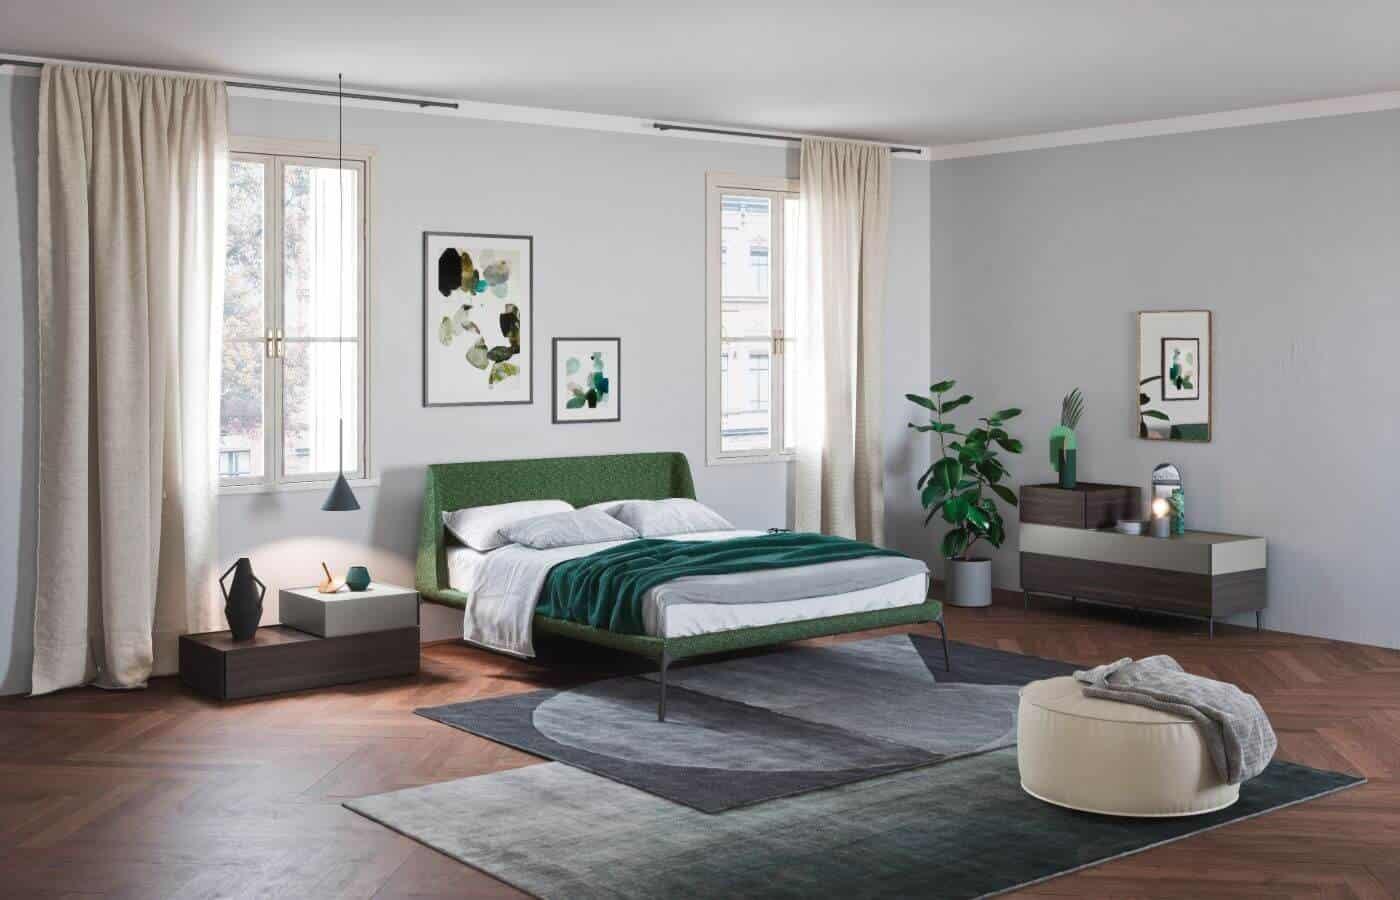 zona-notte-gruppo-letto-collezione-vesta-il-mobile (2)